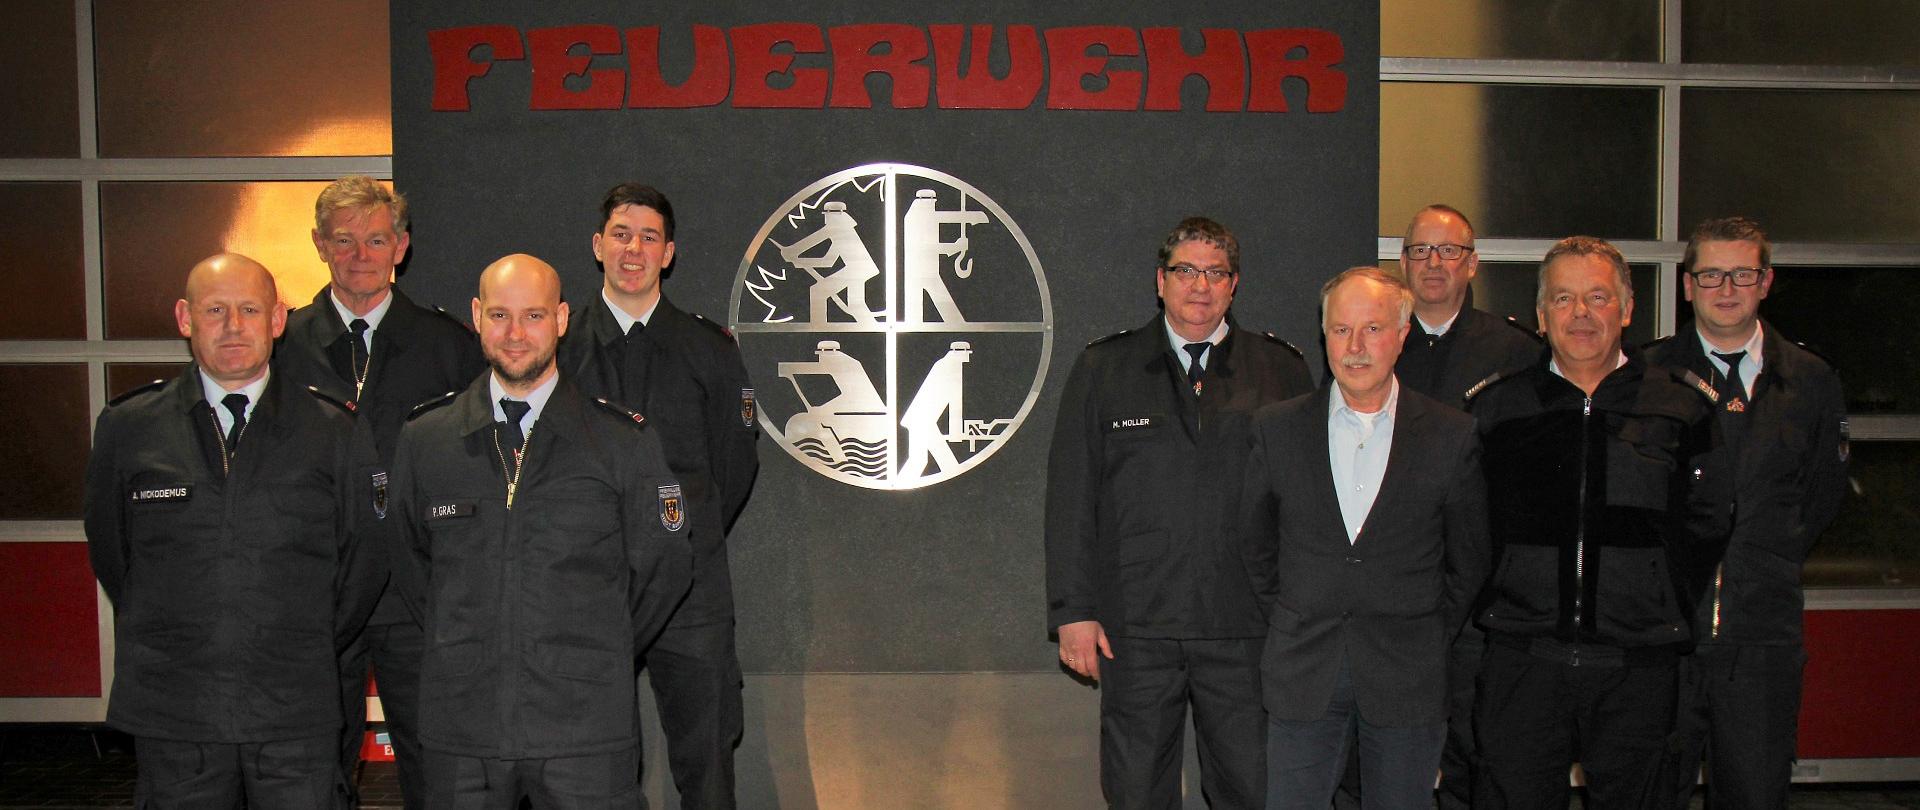 You are currently viewing Generalversammlung von Förderverein und aktiver Wehr